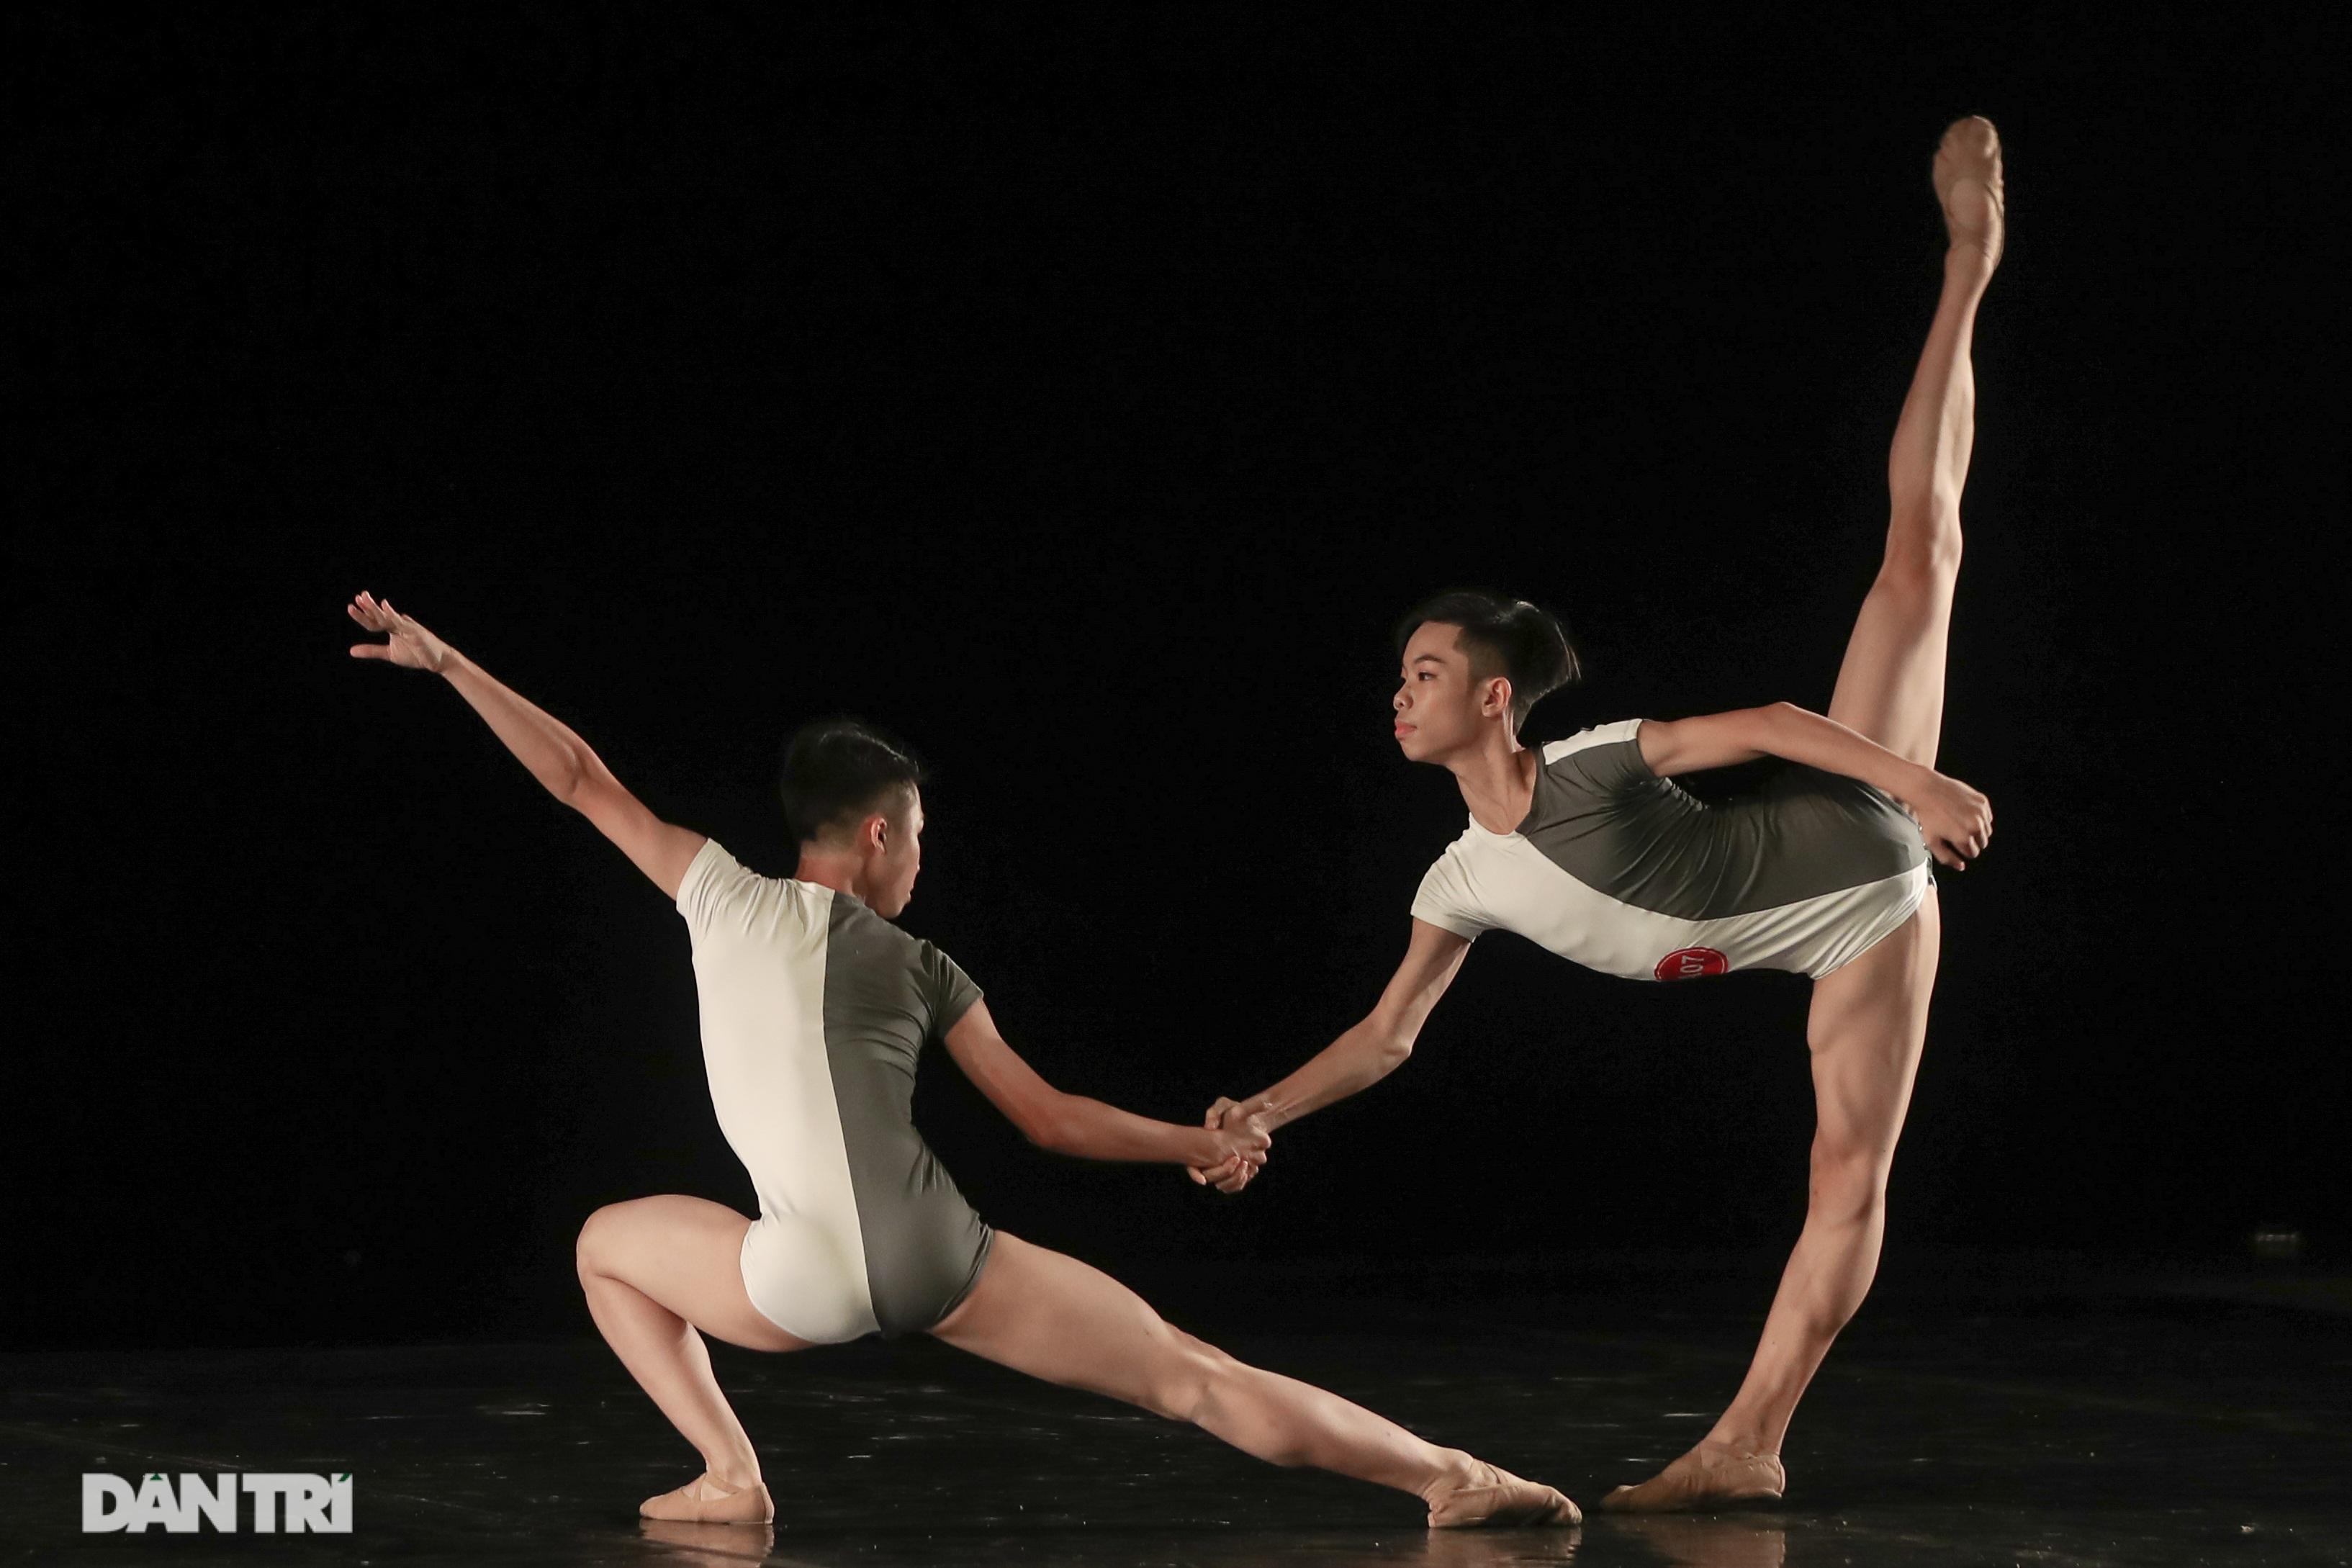 Khoảnh khắc mê hồn tại cuộc thi Tài năng biểu diễn múa - 25